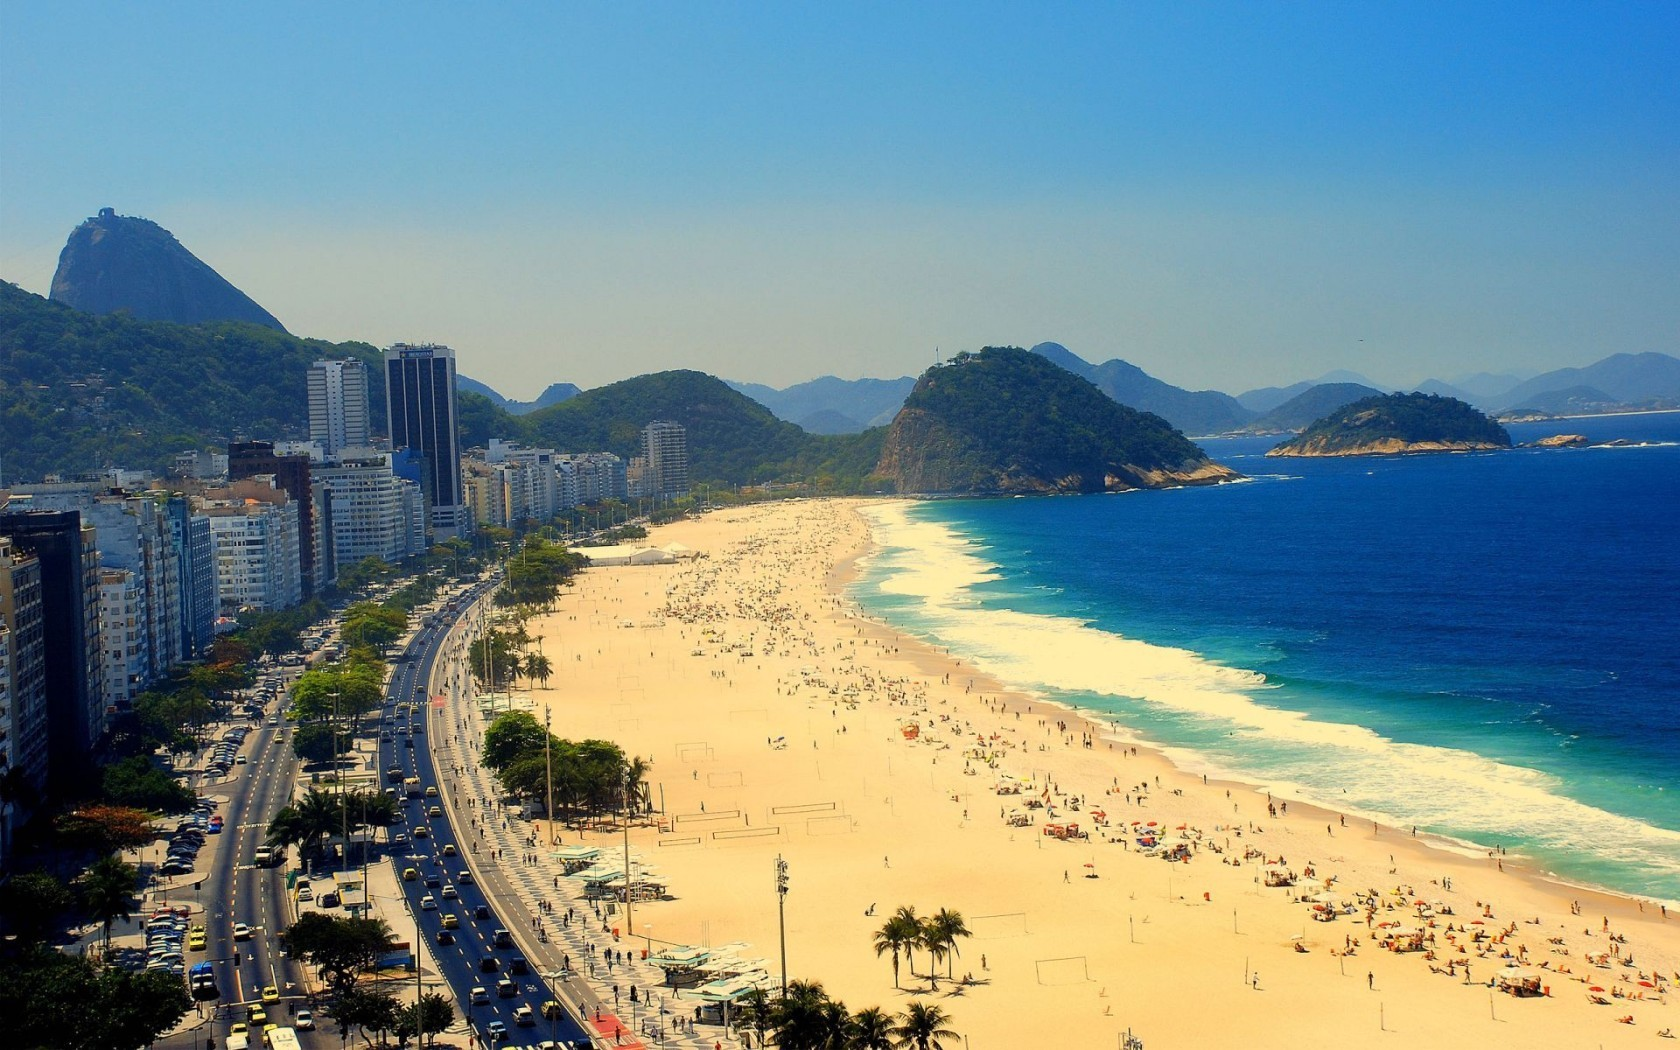 Скачать картинку Пейзаж, Море, Пляж в телефон бесплатно.